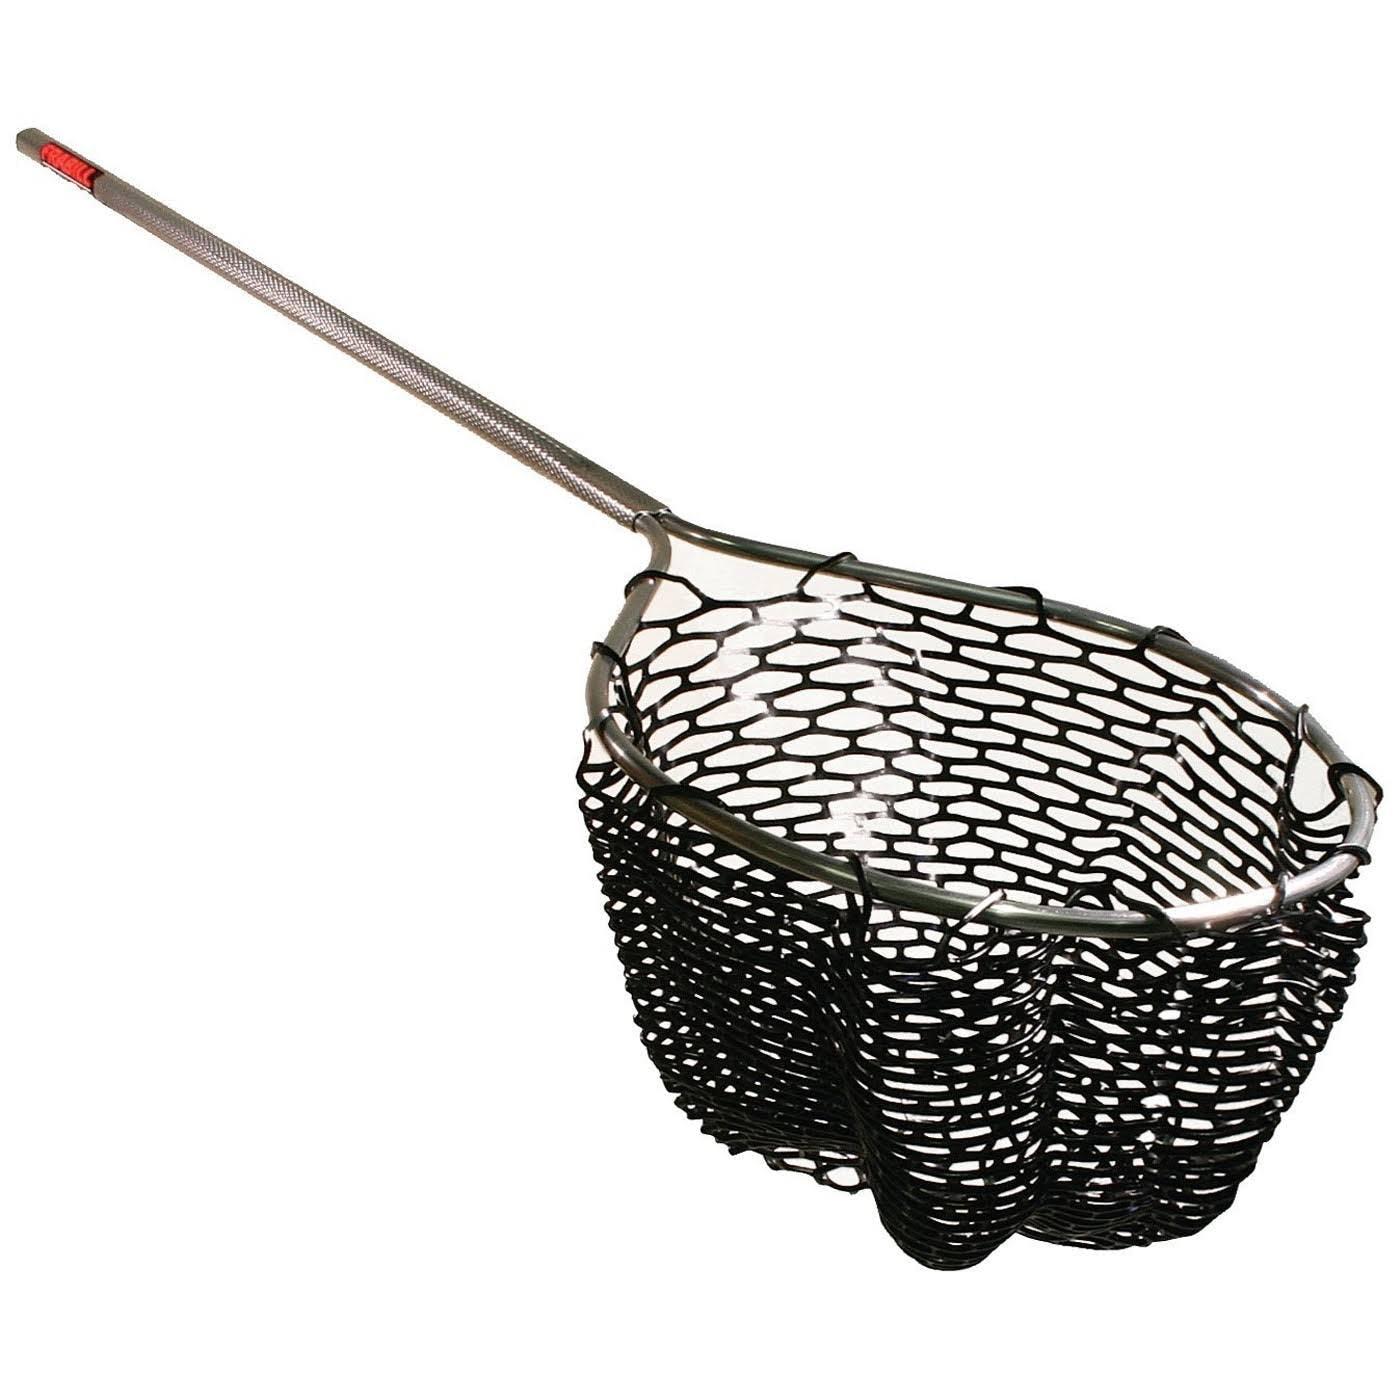 Frabill 3058 Sportsman Rubber Net